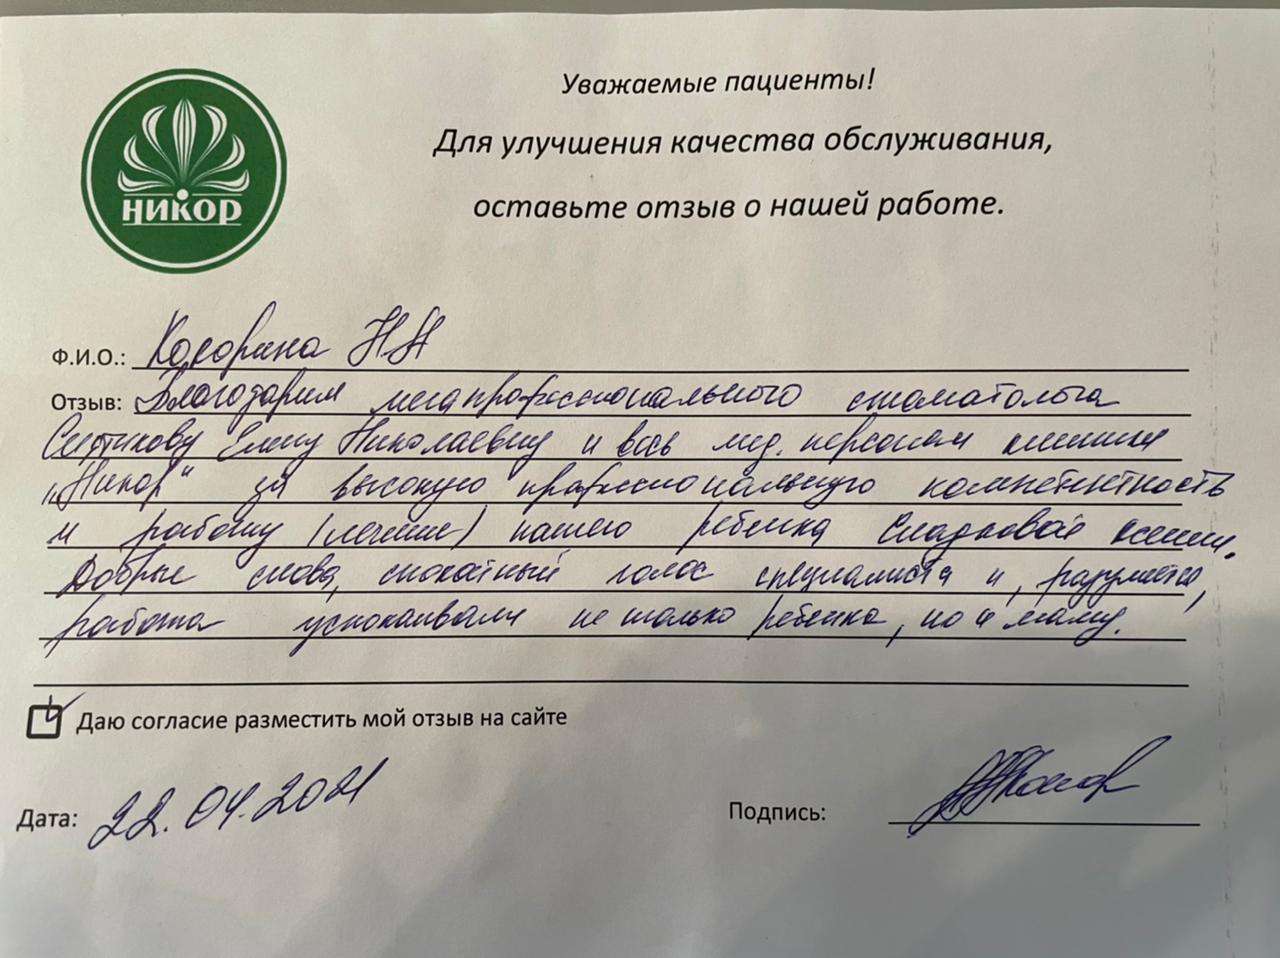 Кокорина Н. А.